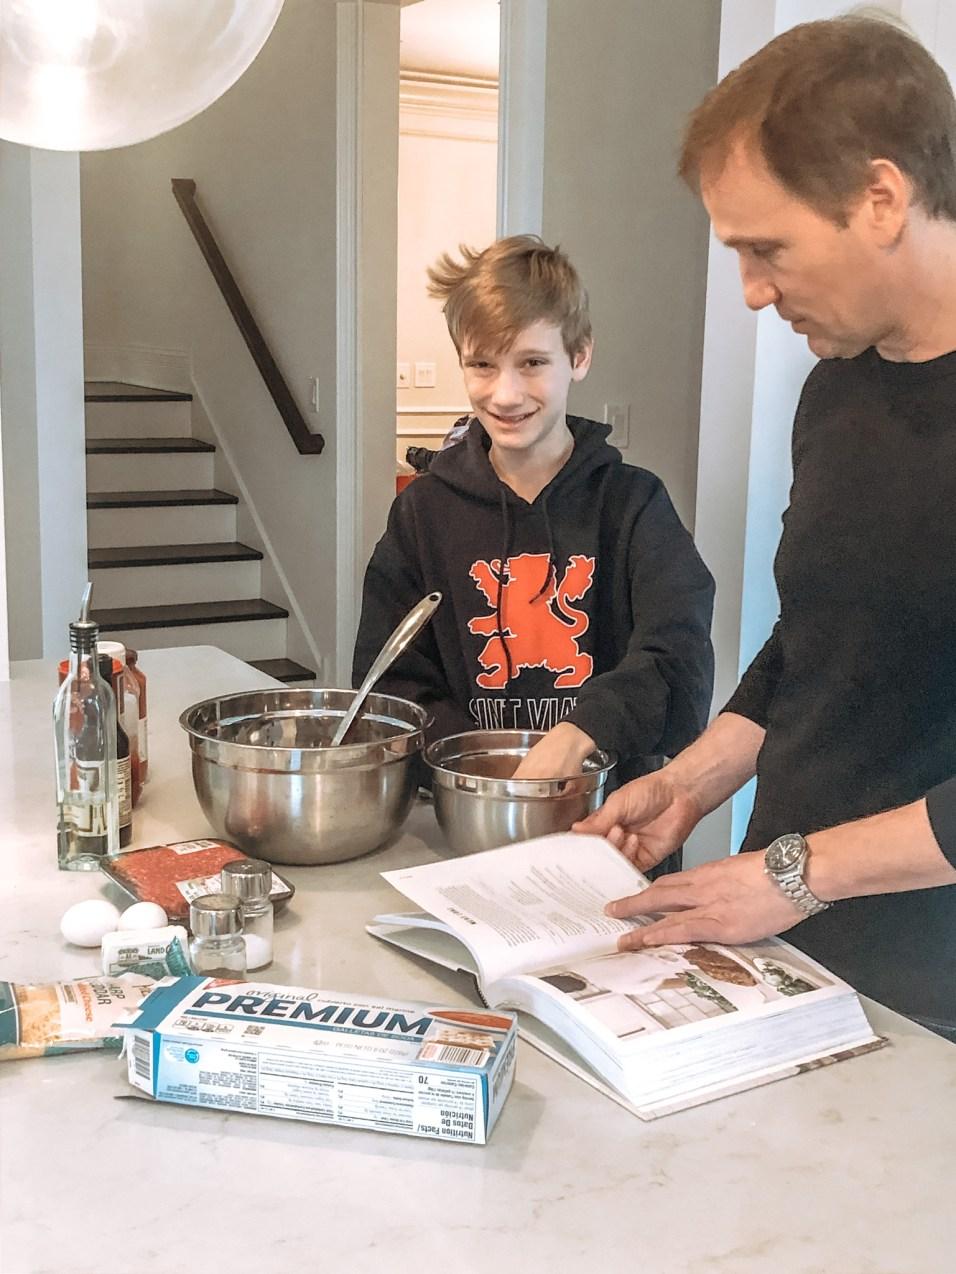 Brynjelsen Family Homemade with Heinen's - 6